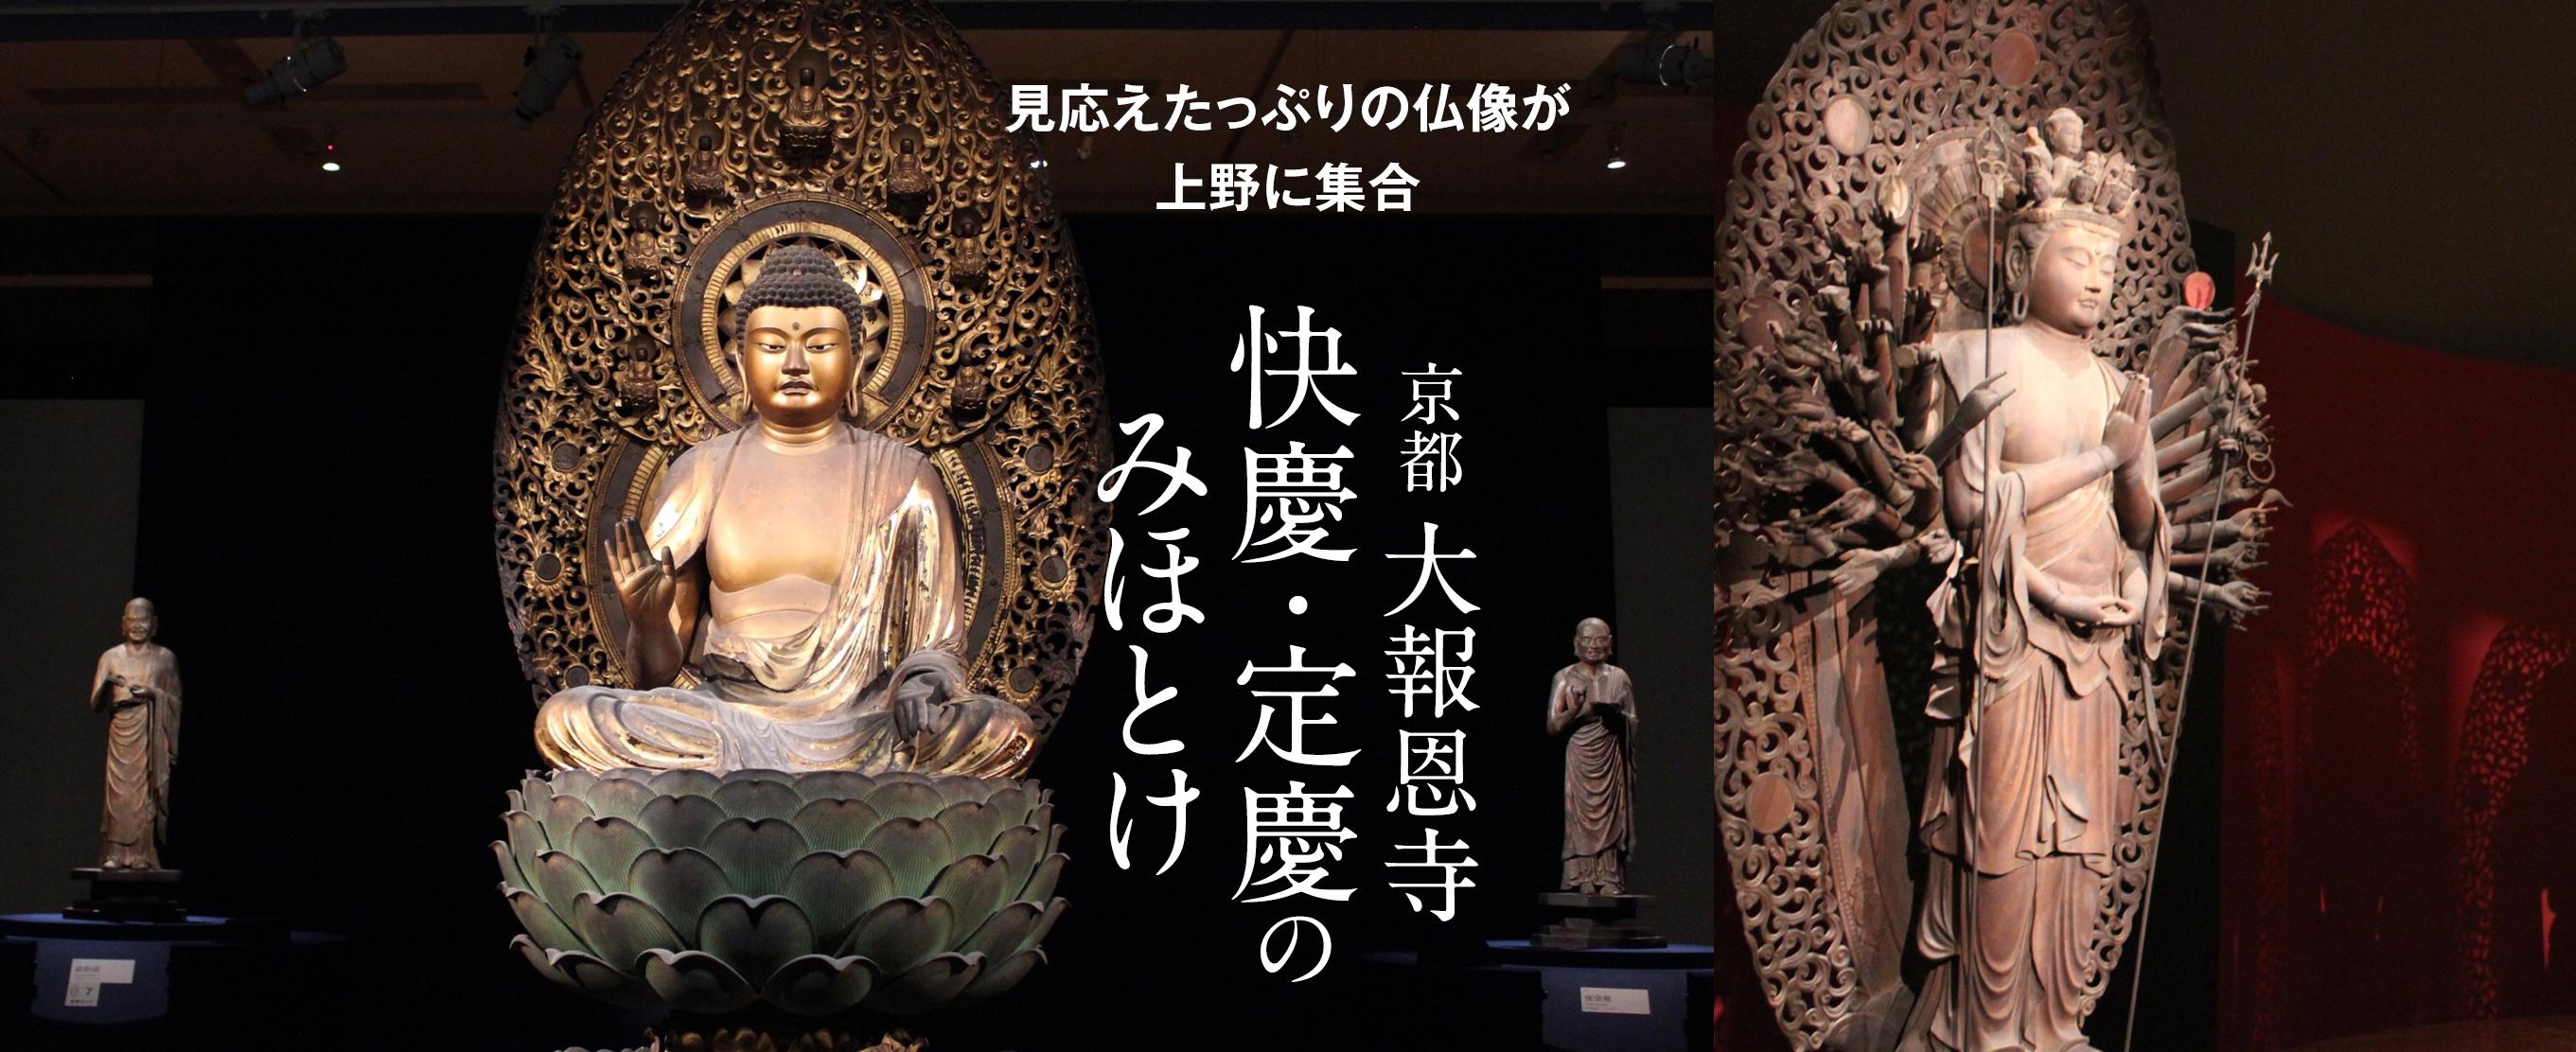 お気に入りの仏像を見つけようー京都 大報恩寺 快慶・定慶のみほとけ